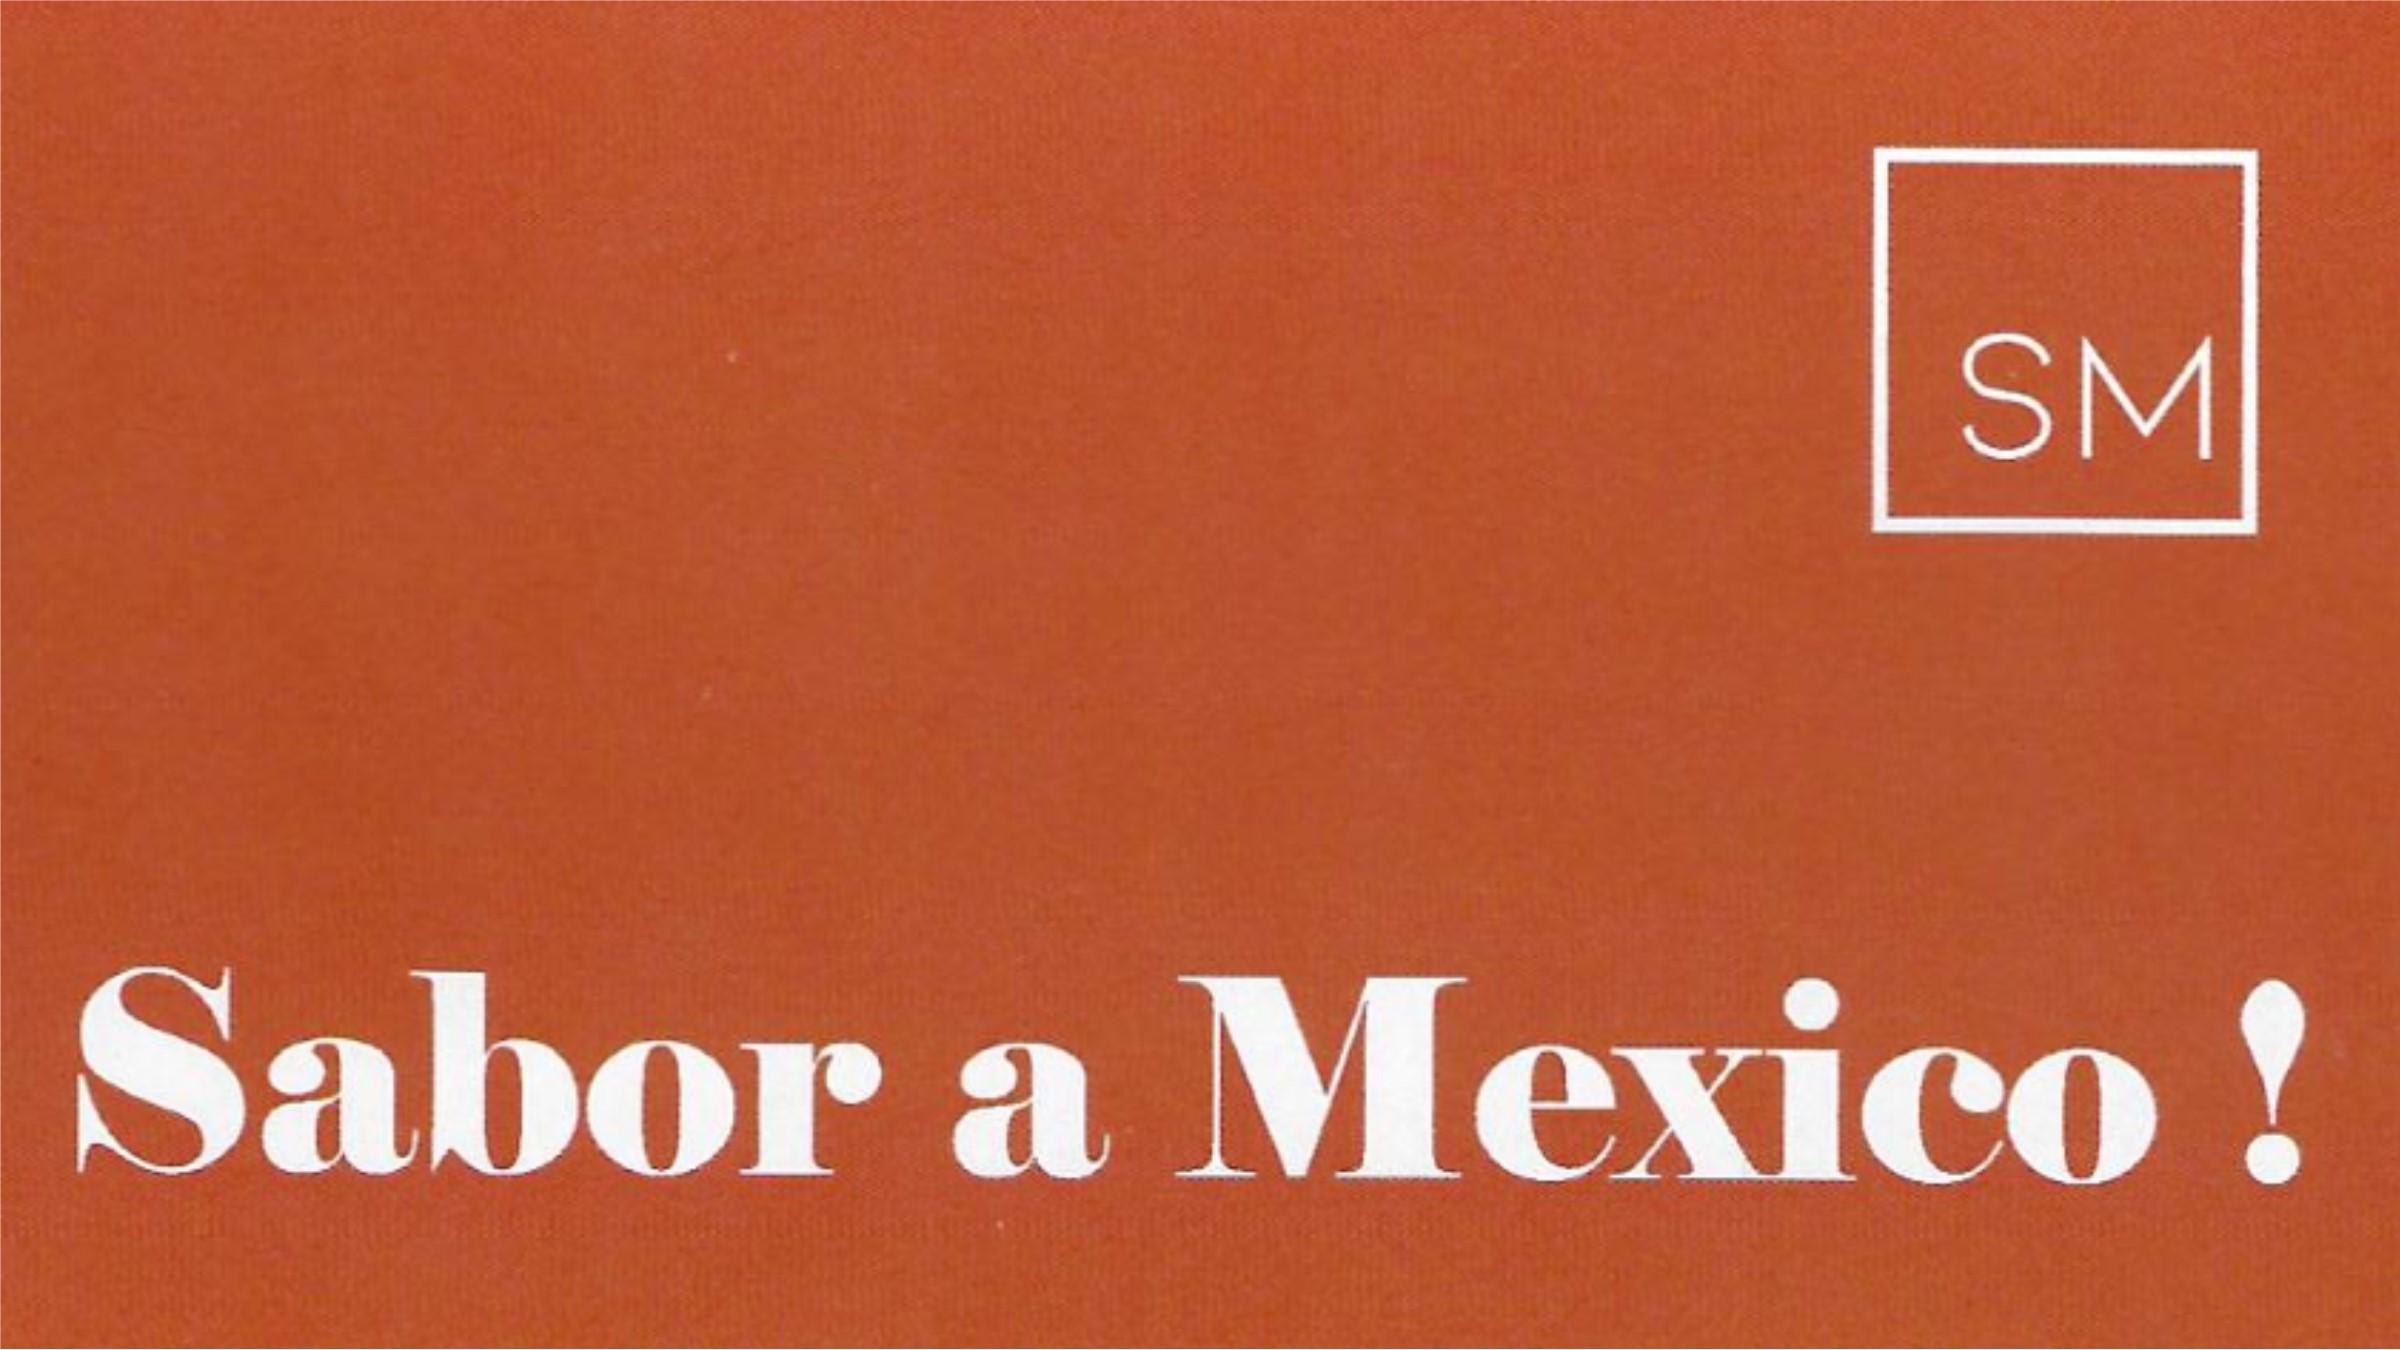 Sabor a Mexico 16-9.jpg